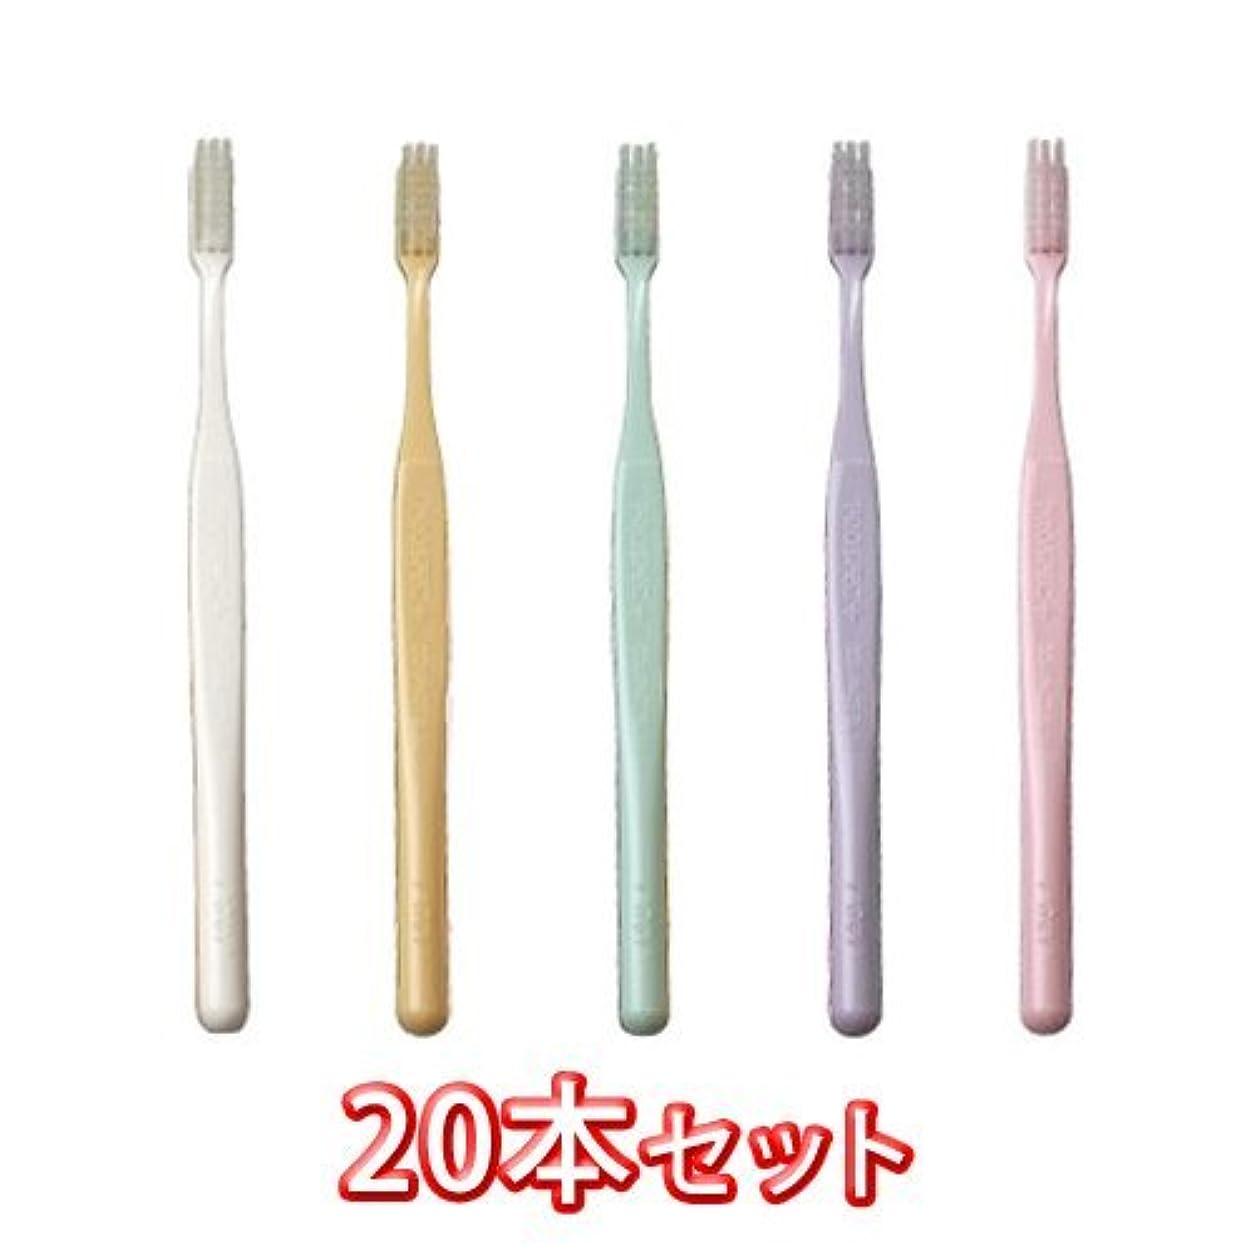 レーザ聞く意気消沈したプロスペック 歯ブラシ プラス コンパクトスリム 20本入 ふつう色 S やわらかめ